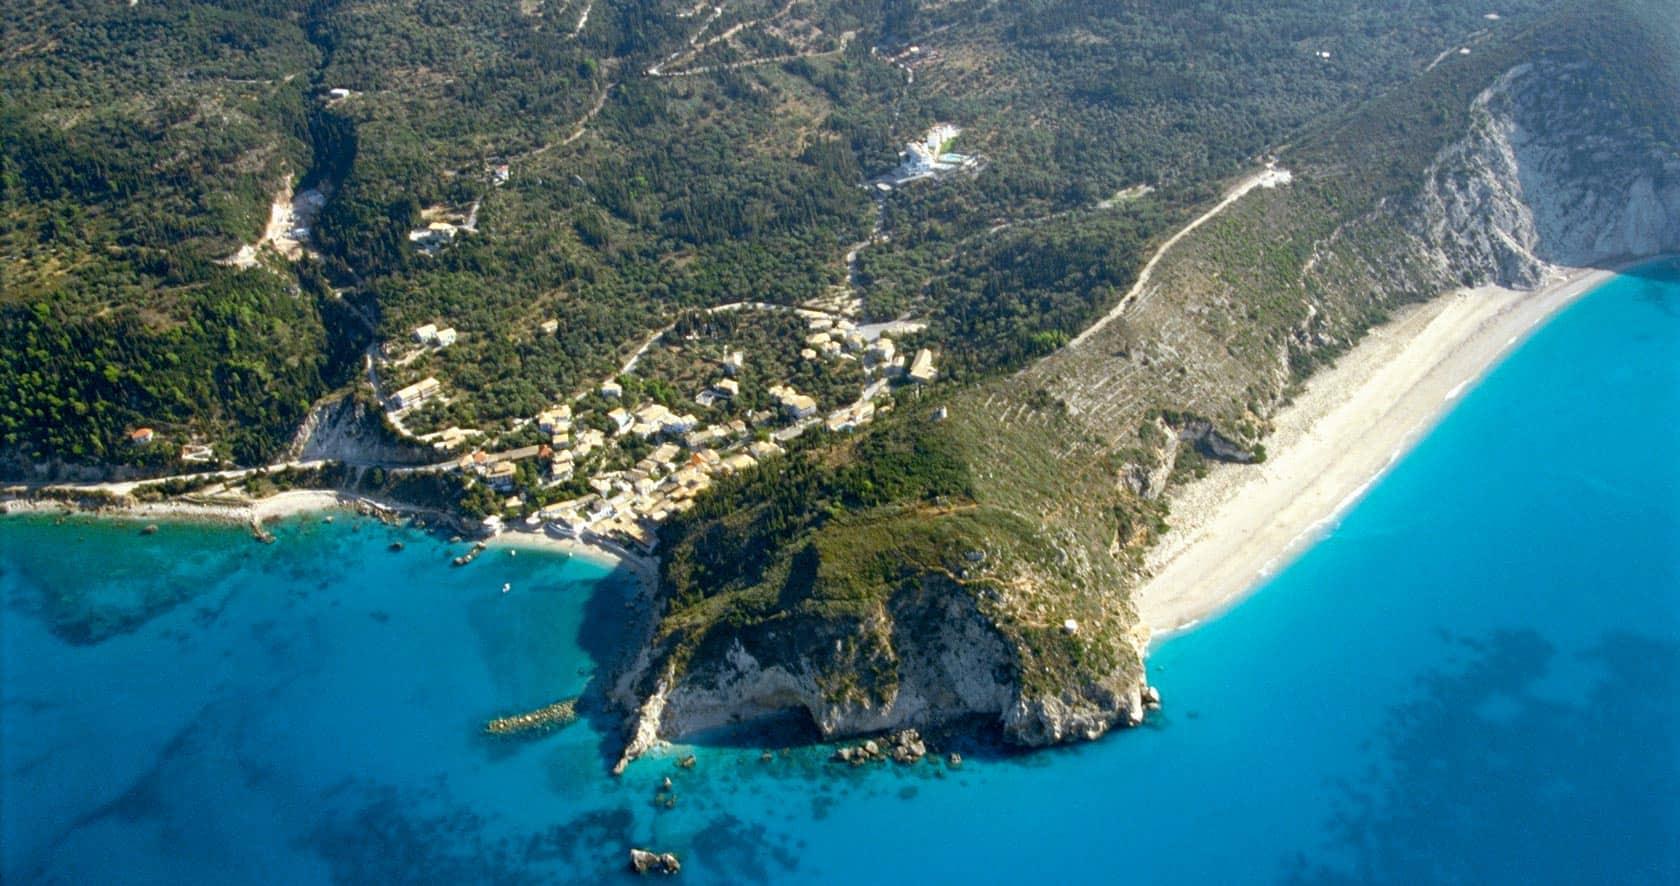 Mikos beach and Agios Nikitas village